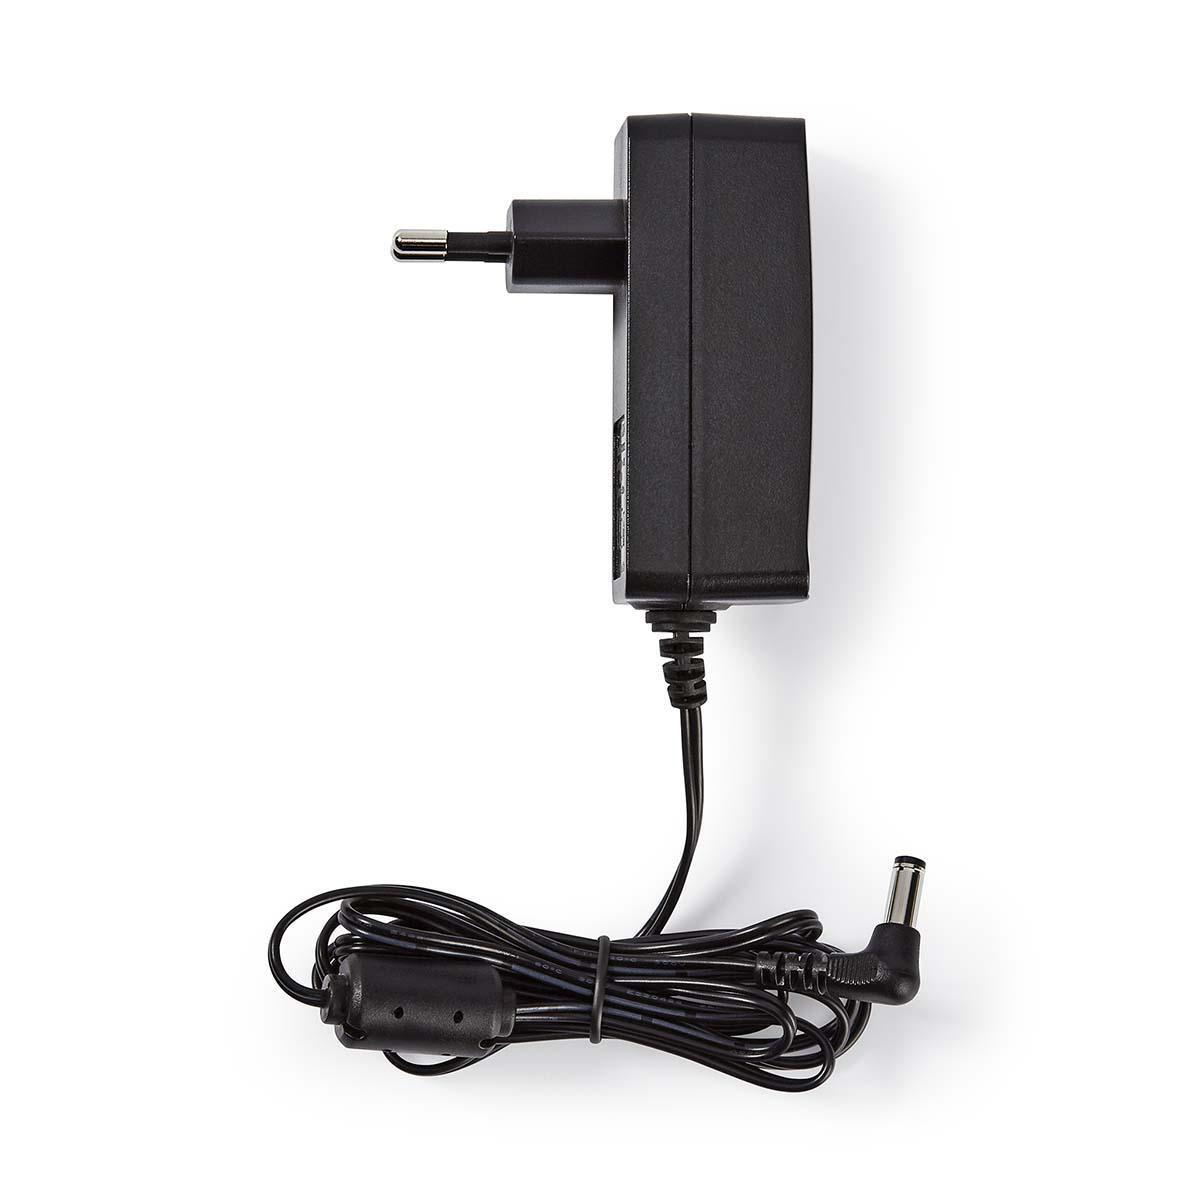 Este não é um adaptador CCTV padrão - este adaptador foi projetado especificamente para sistemas de CFTV que exigem muito da energia a ser fornecida. Onde os adaptadores padrão raramente fornecem energia suficiente para uso com CFTV, especialmente quando